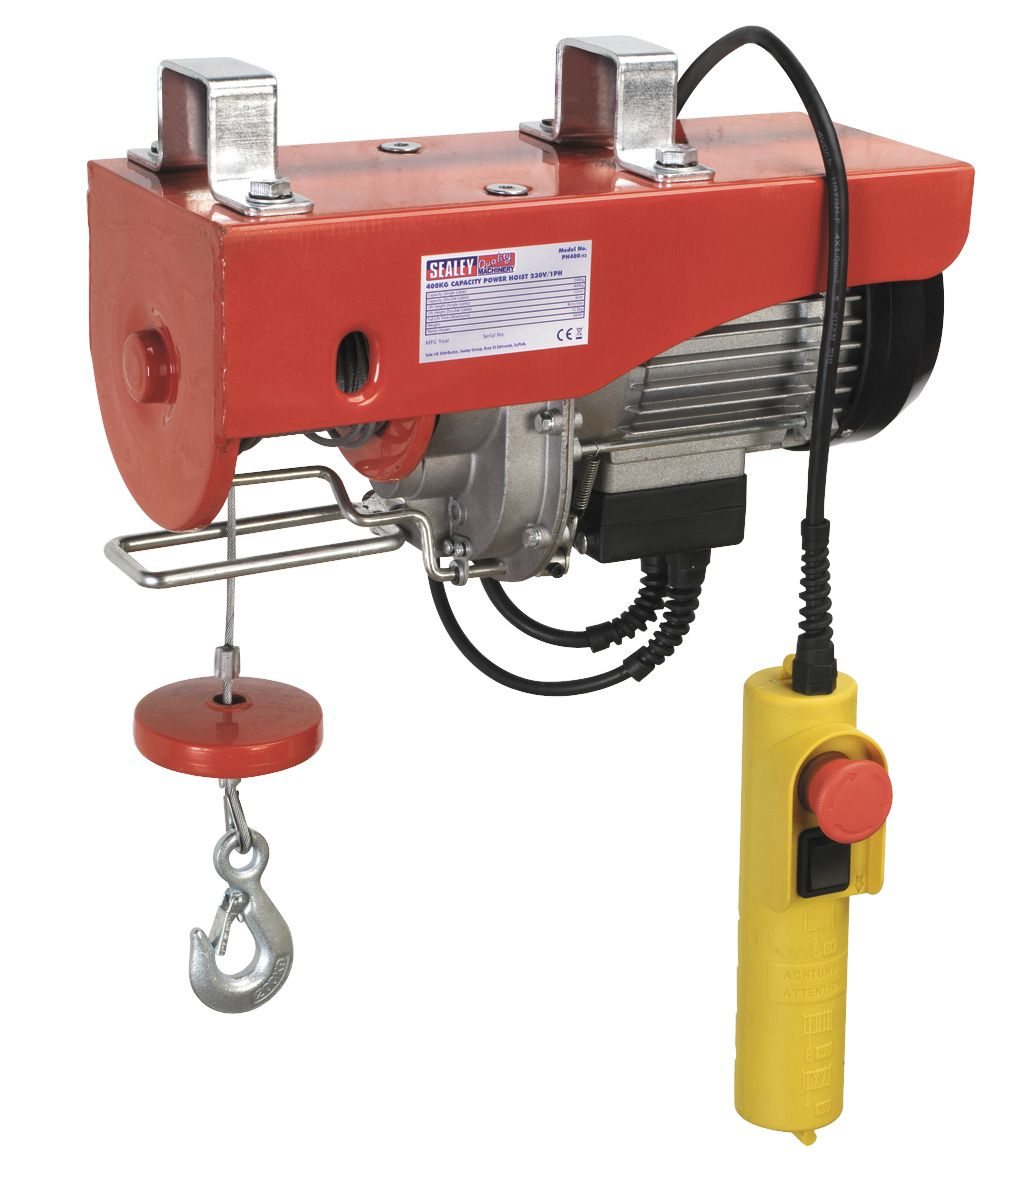 Sealey Power Hoist 230V/1ph 400kg Capacity